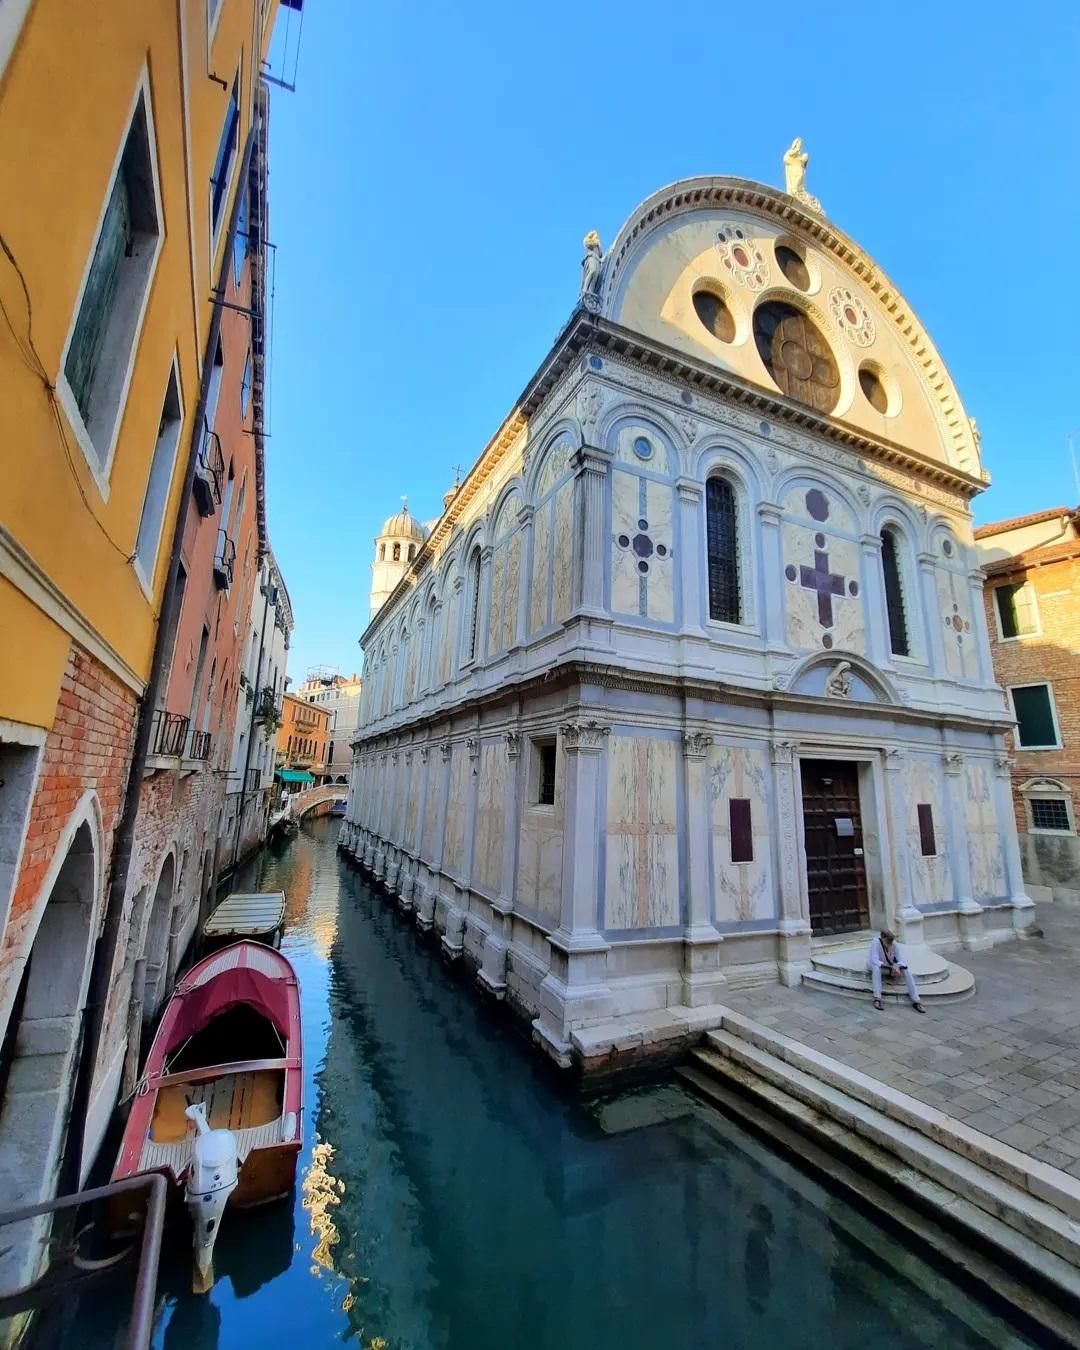 Церковь Санта-Мария деи Мираколи в Венеции